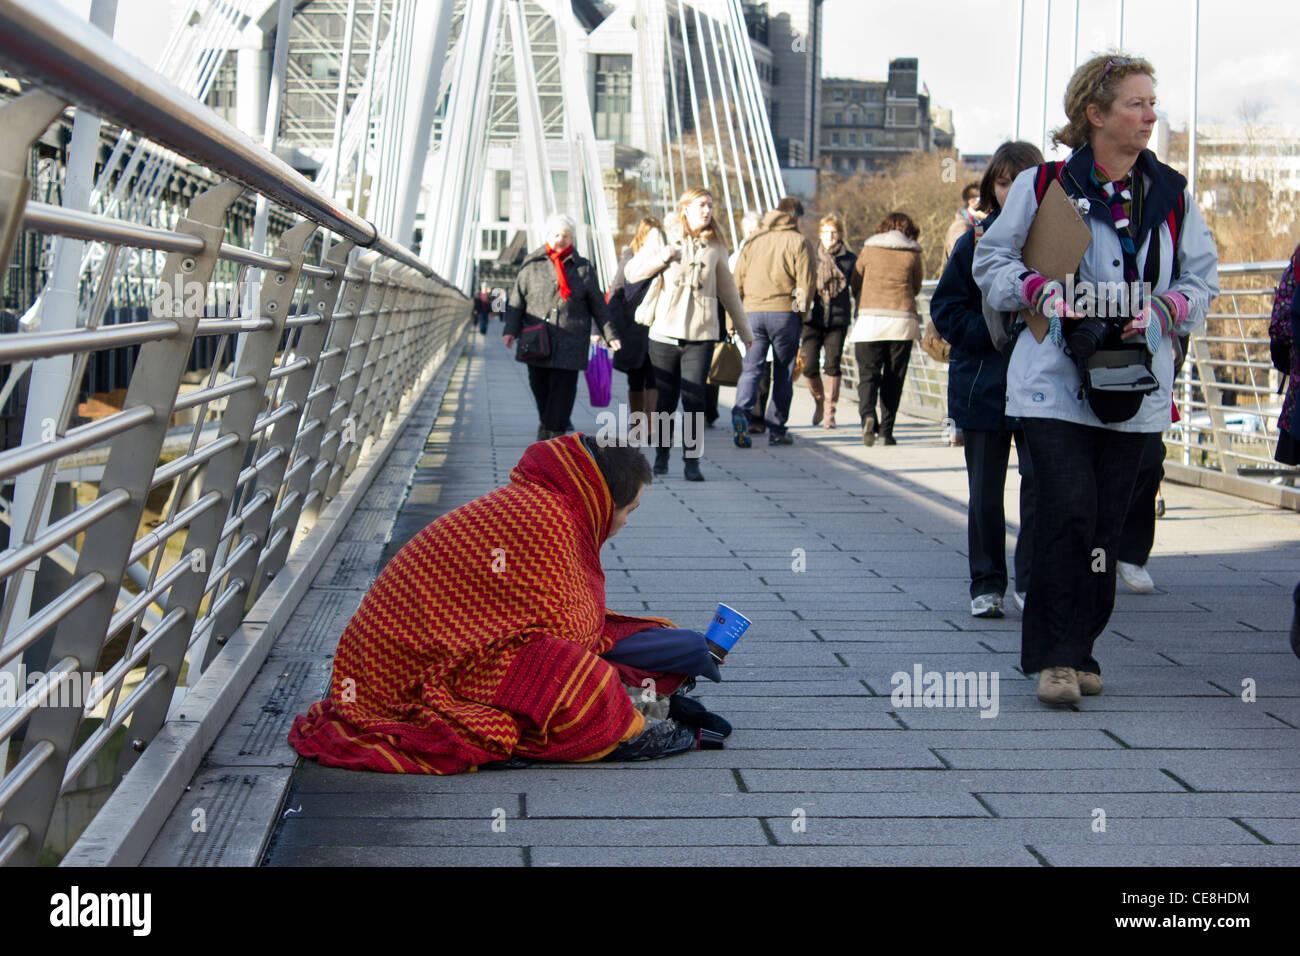 Hombre envuelto en una manta mendigando en el Golden Jubilee Bridge, Londres, Reino Unido. Imagen De Stock